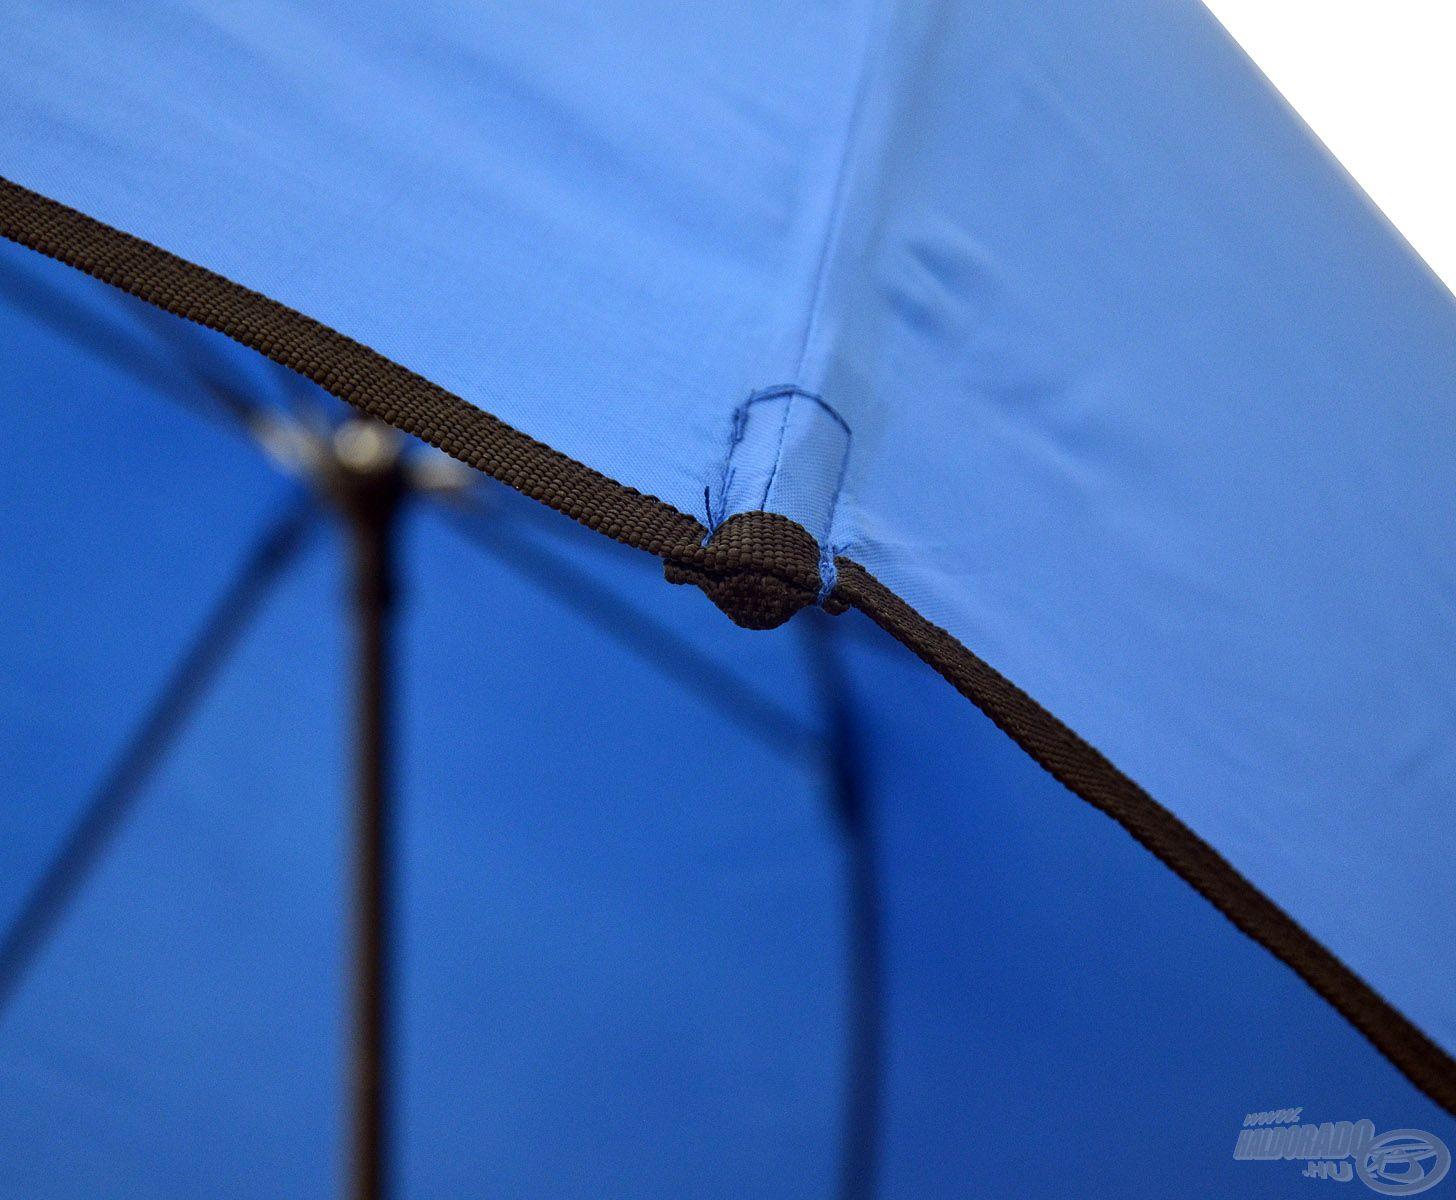 A rudazat végein az anyag plusz erősítést, borítást kapott, ezzel megnövelve az ernyő élettartamát ezen a ponton